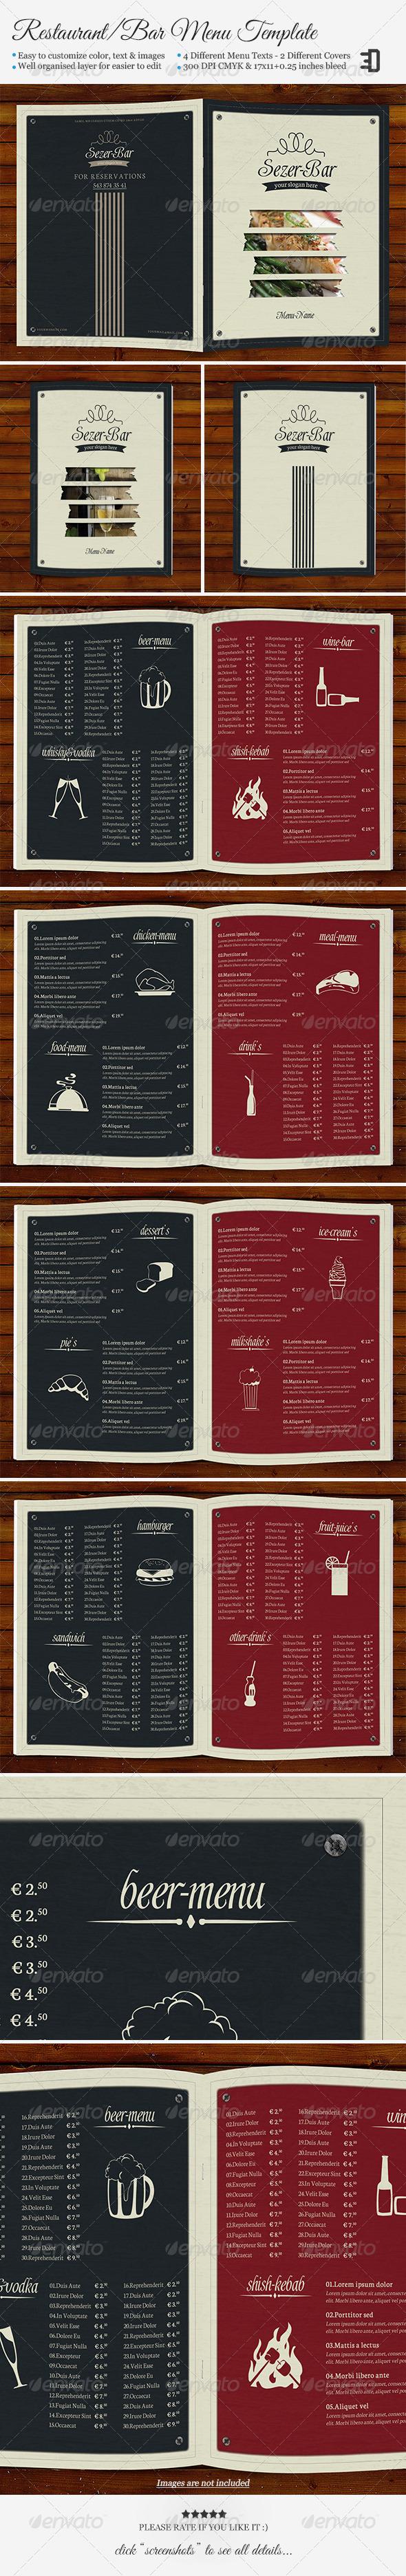 GraphicRiver Restaurant Bar Menu Template 5658695